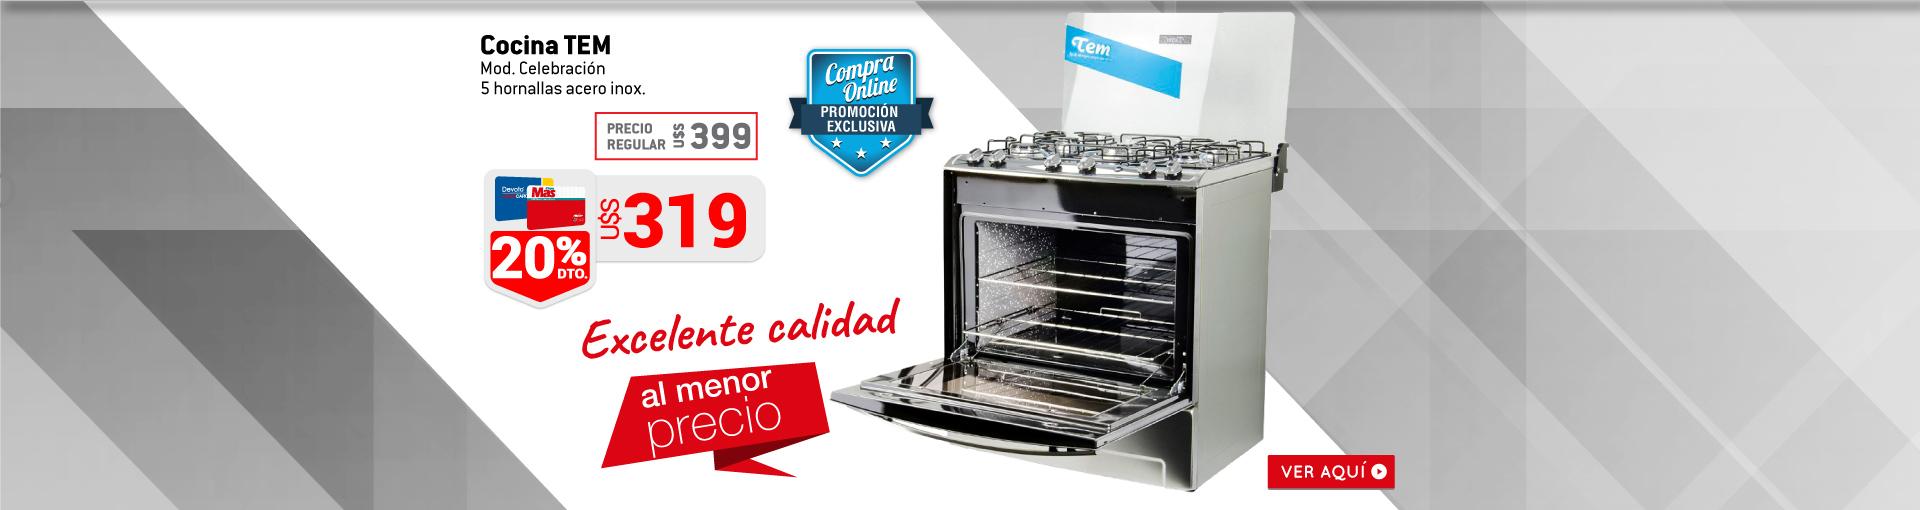 h-01-585395-cocina-tem